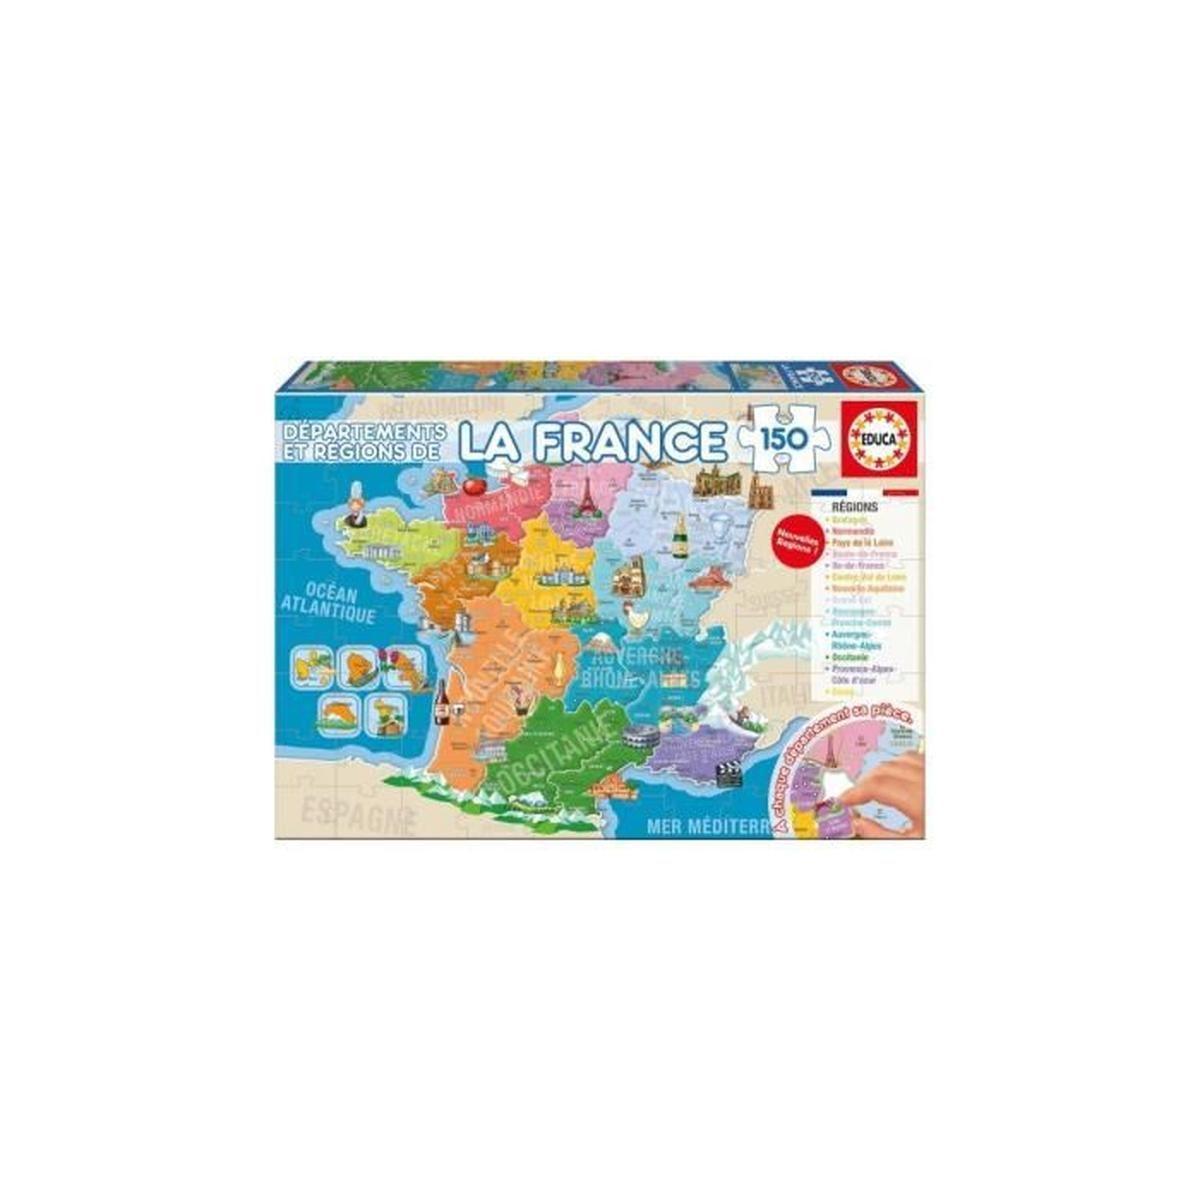 Puzzle Enfant - Carte De France : Les Departements Et Regions - 150 Pieces  - Jeu Educatifs dedans Jeu Sur Les Régions De France